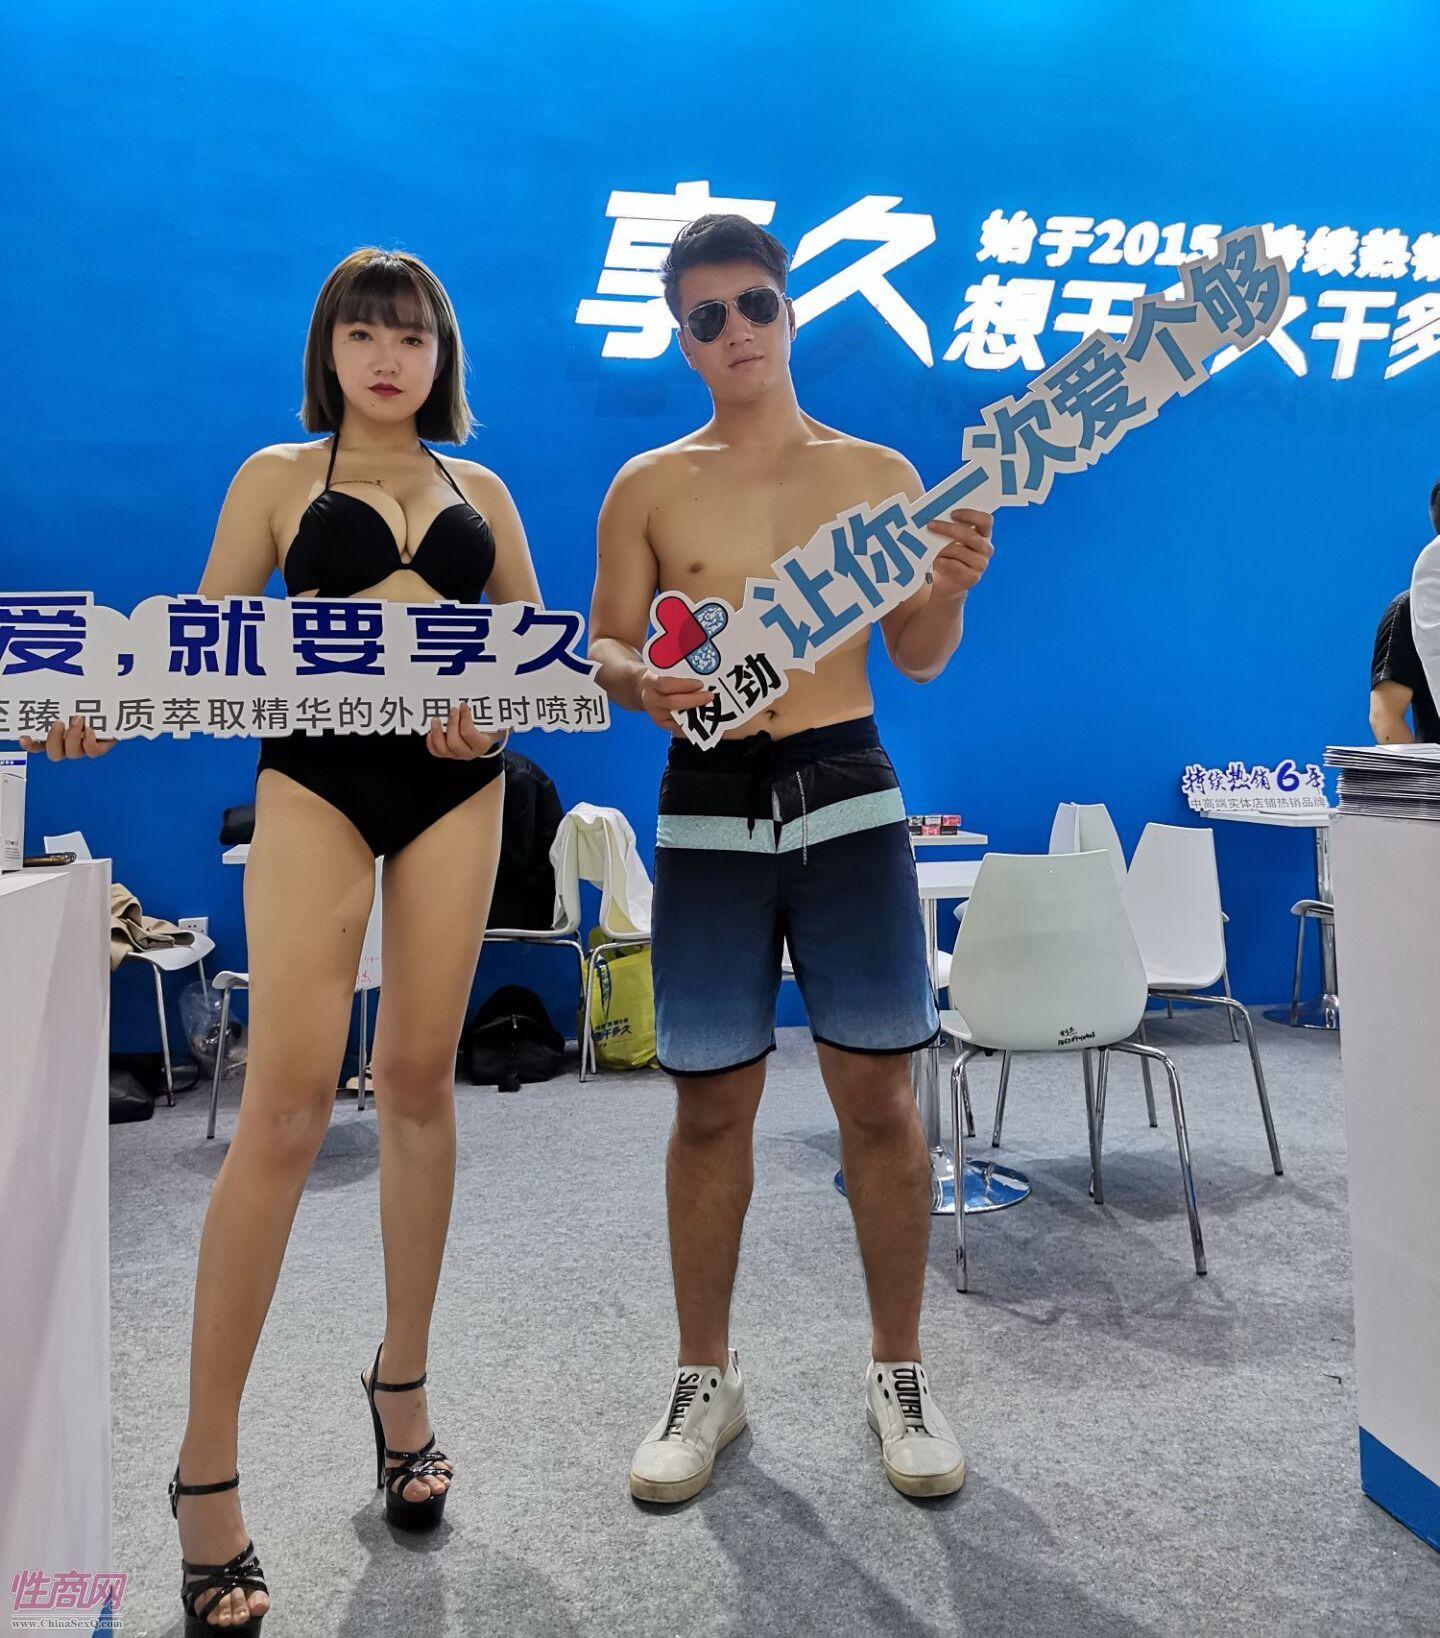 广州性文化节展会模特(2)